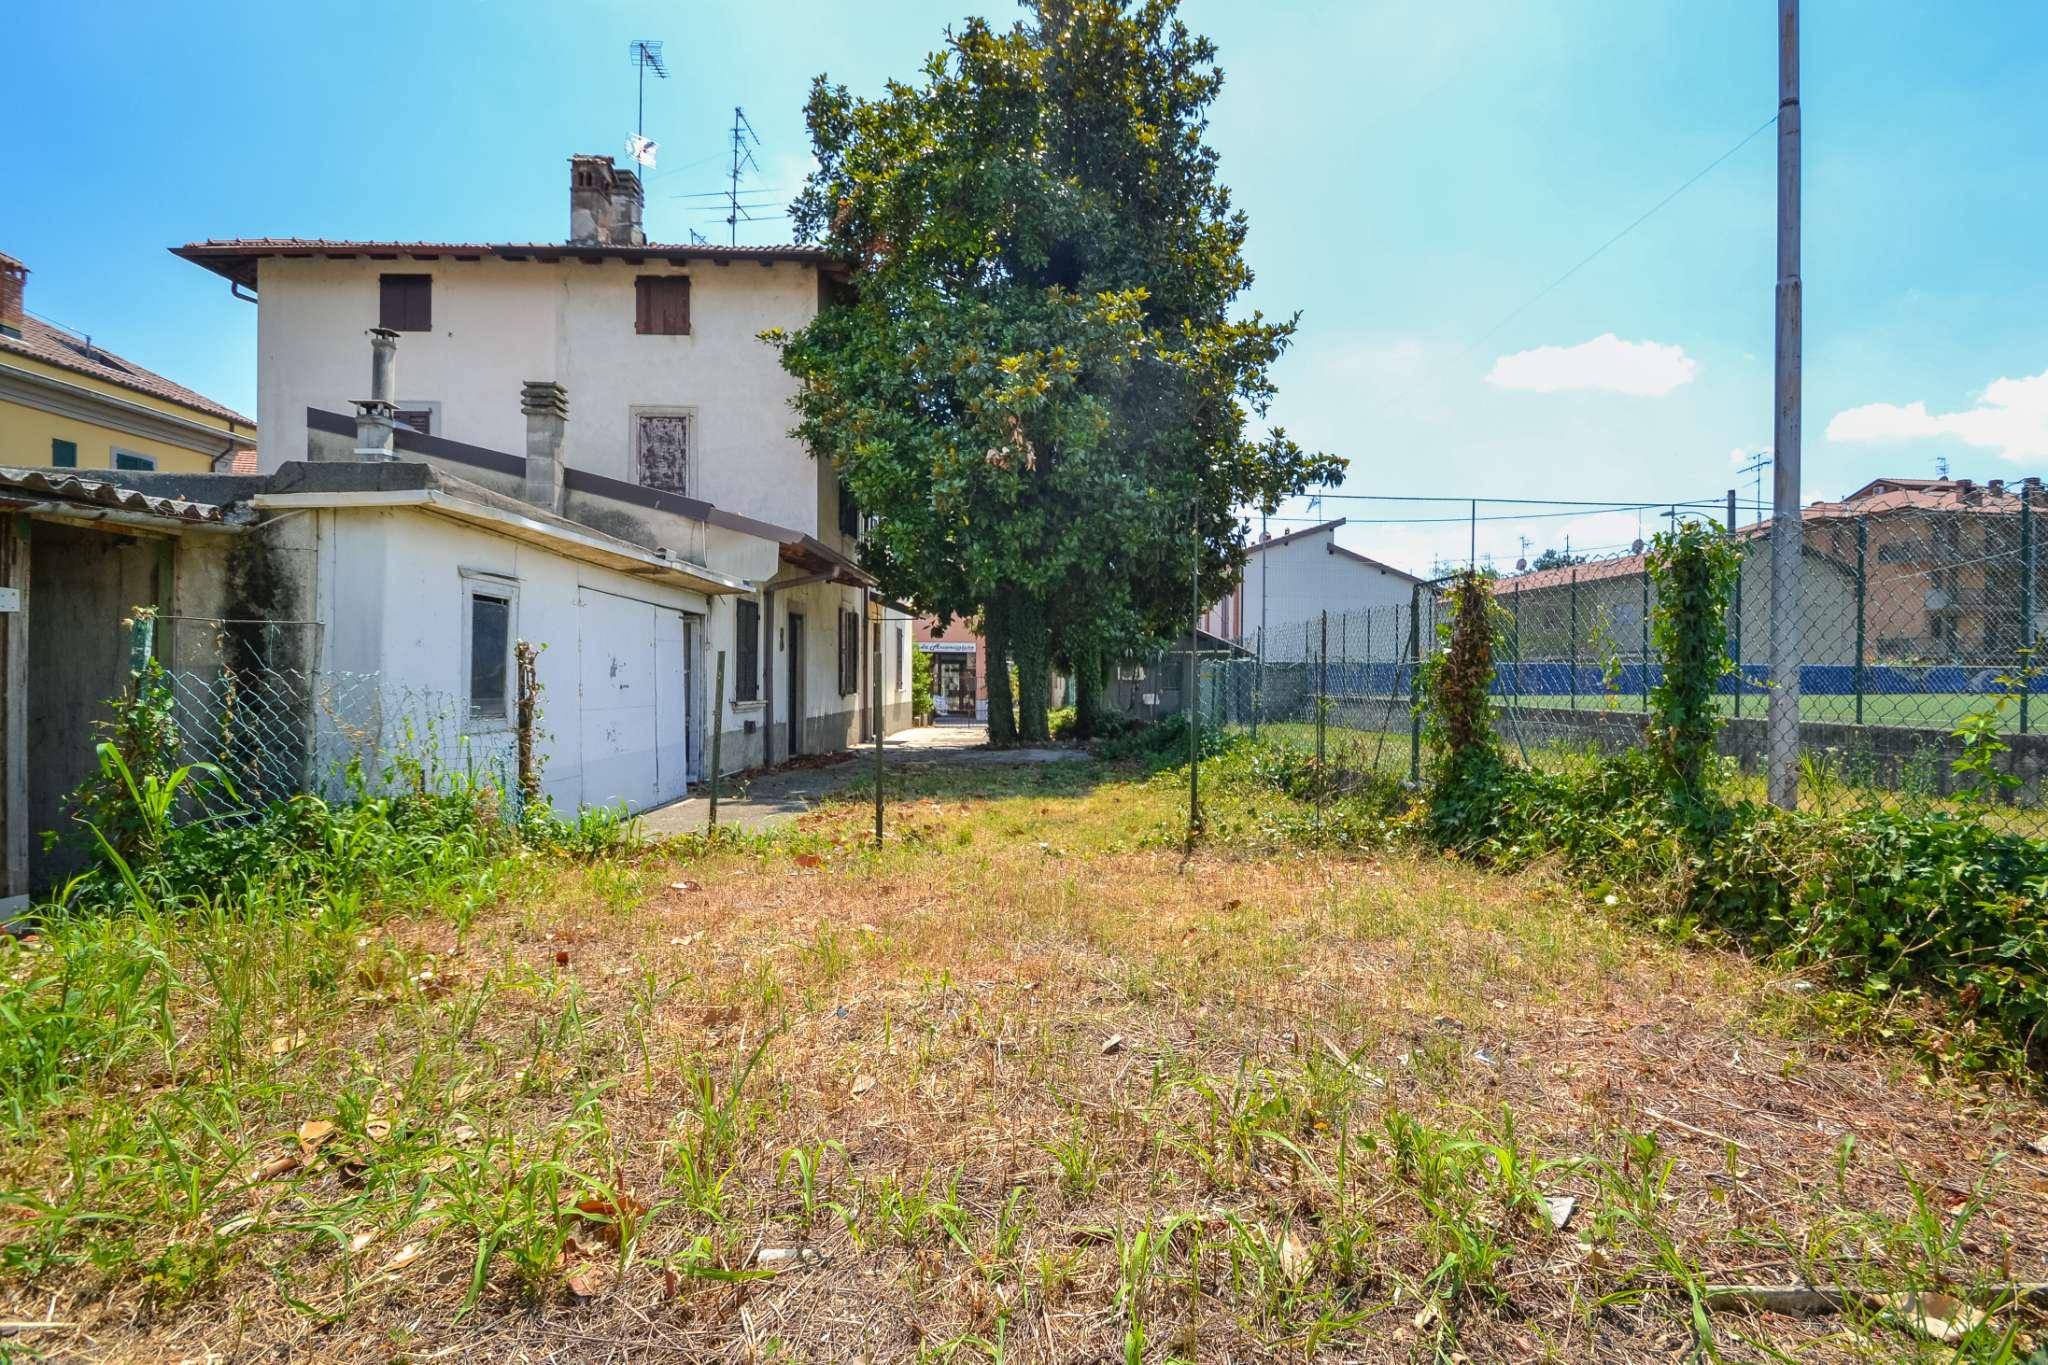 Soluzione Indipendente in vendita a Brembate di Sopra, 4 locali, prezzo € 120.000 | PortaleAgenzieImmobiliari.it